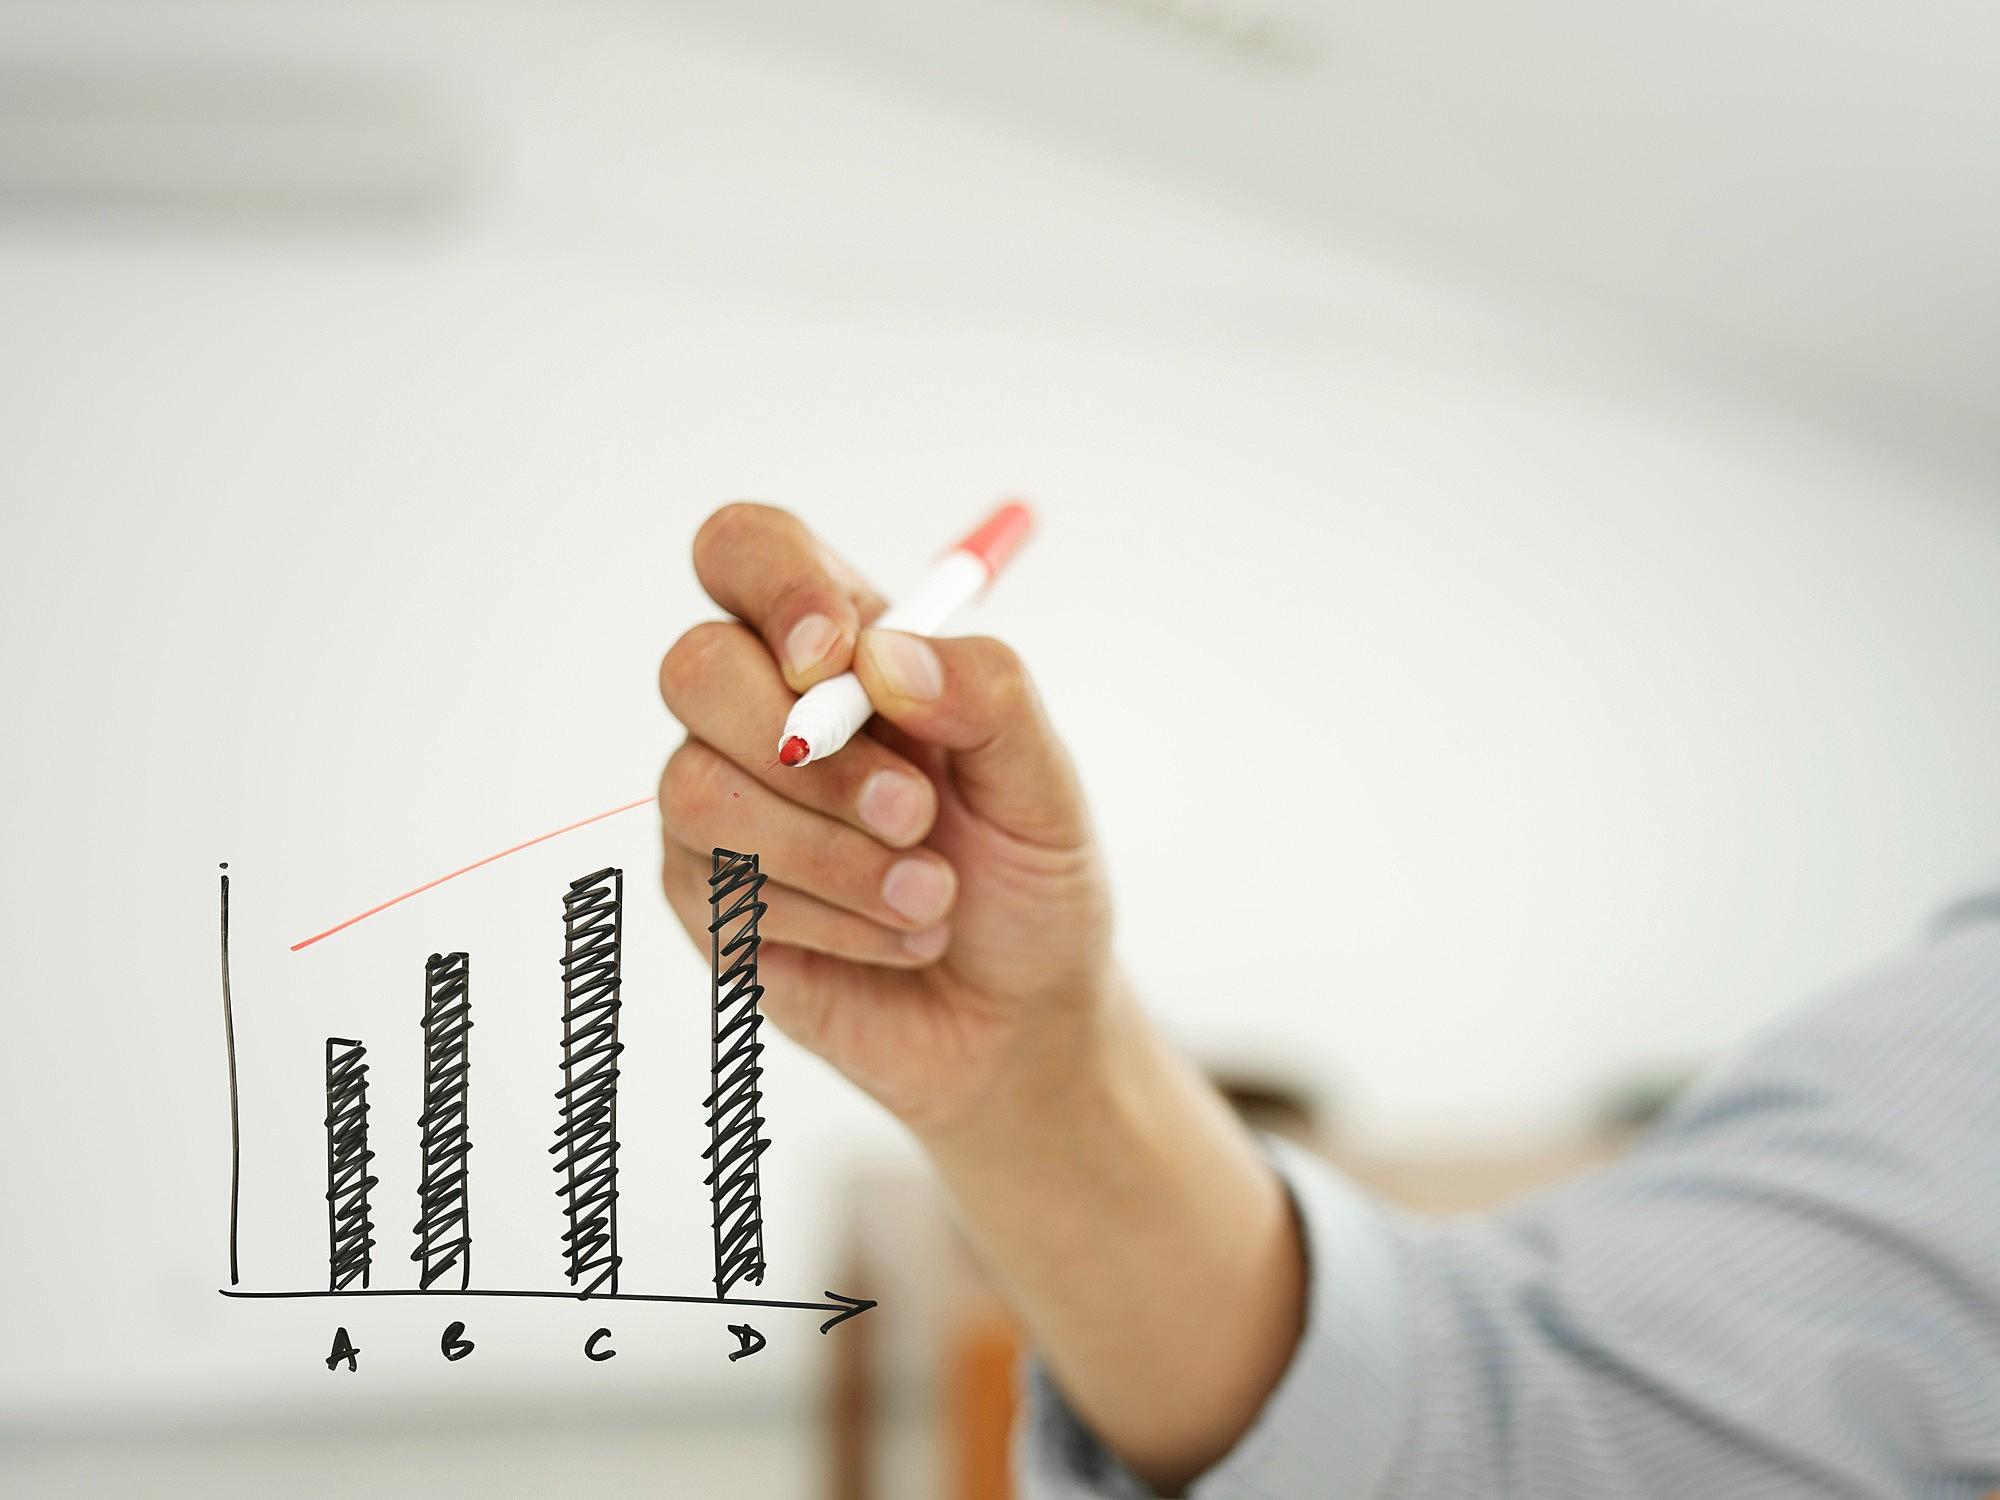 Crecimiento empresarial: 6 problemas que lo impiden